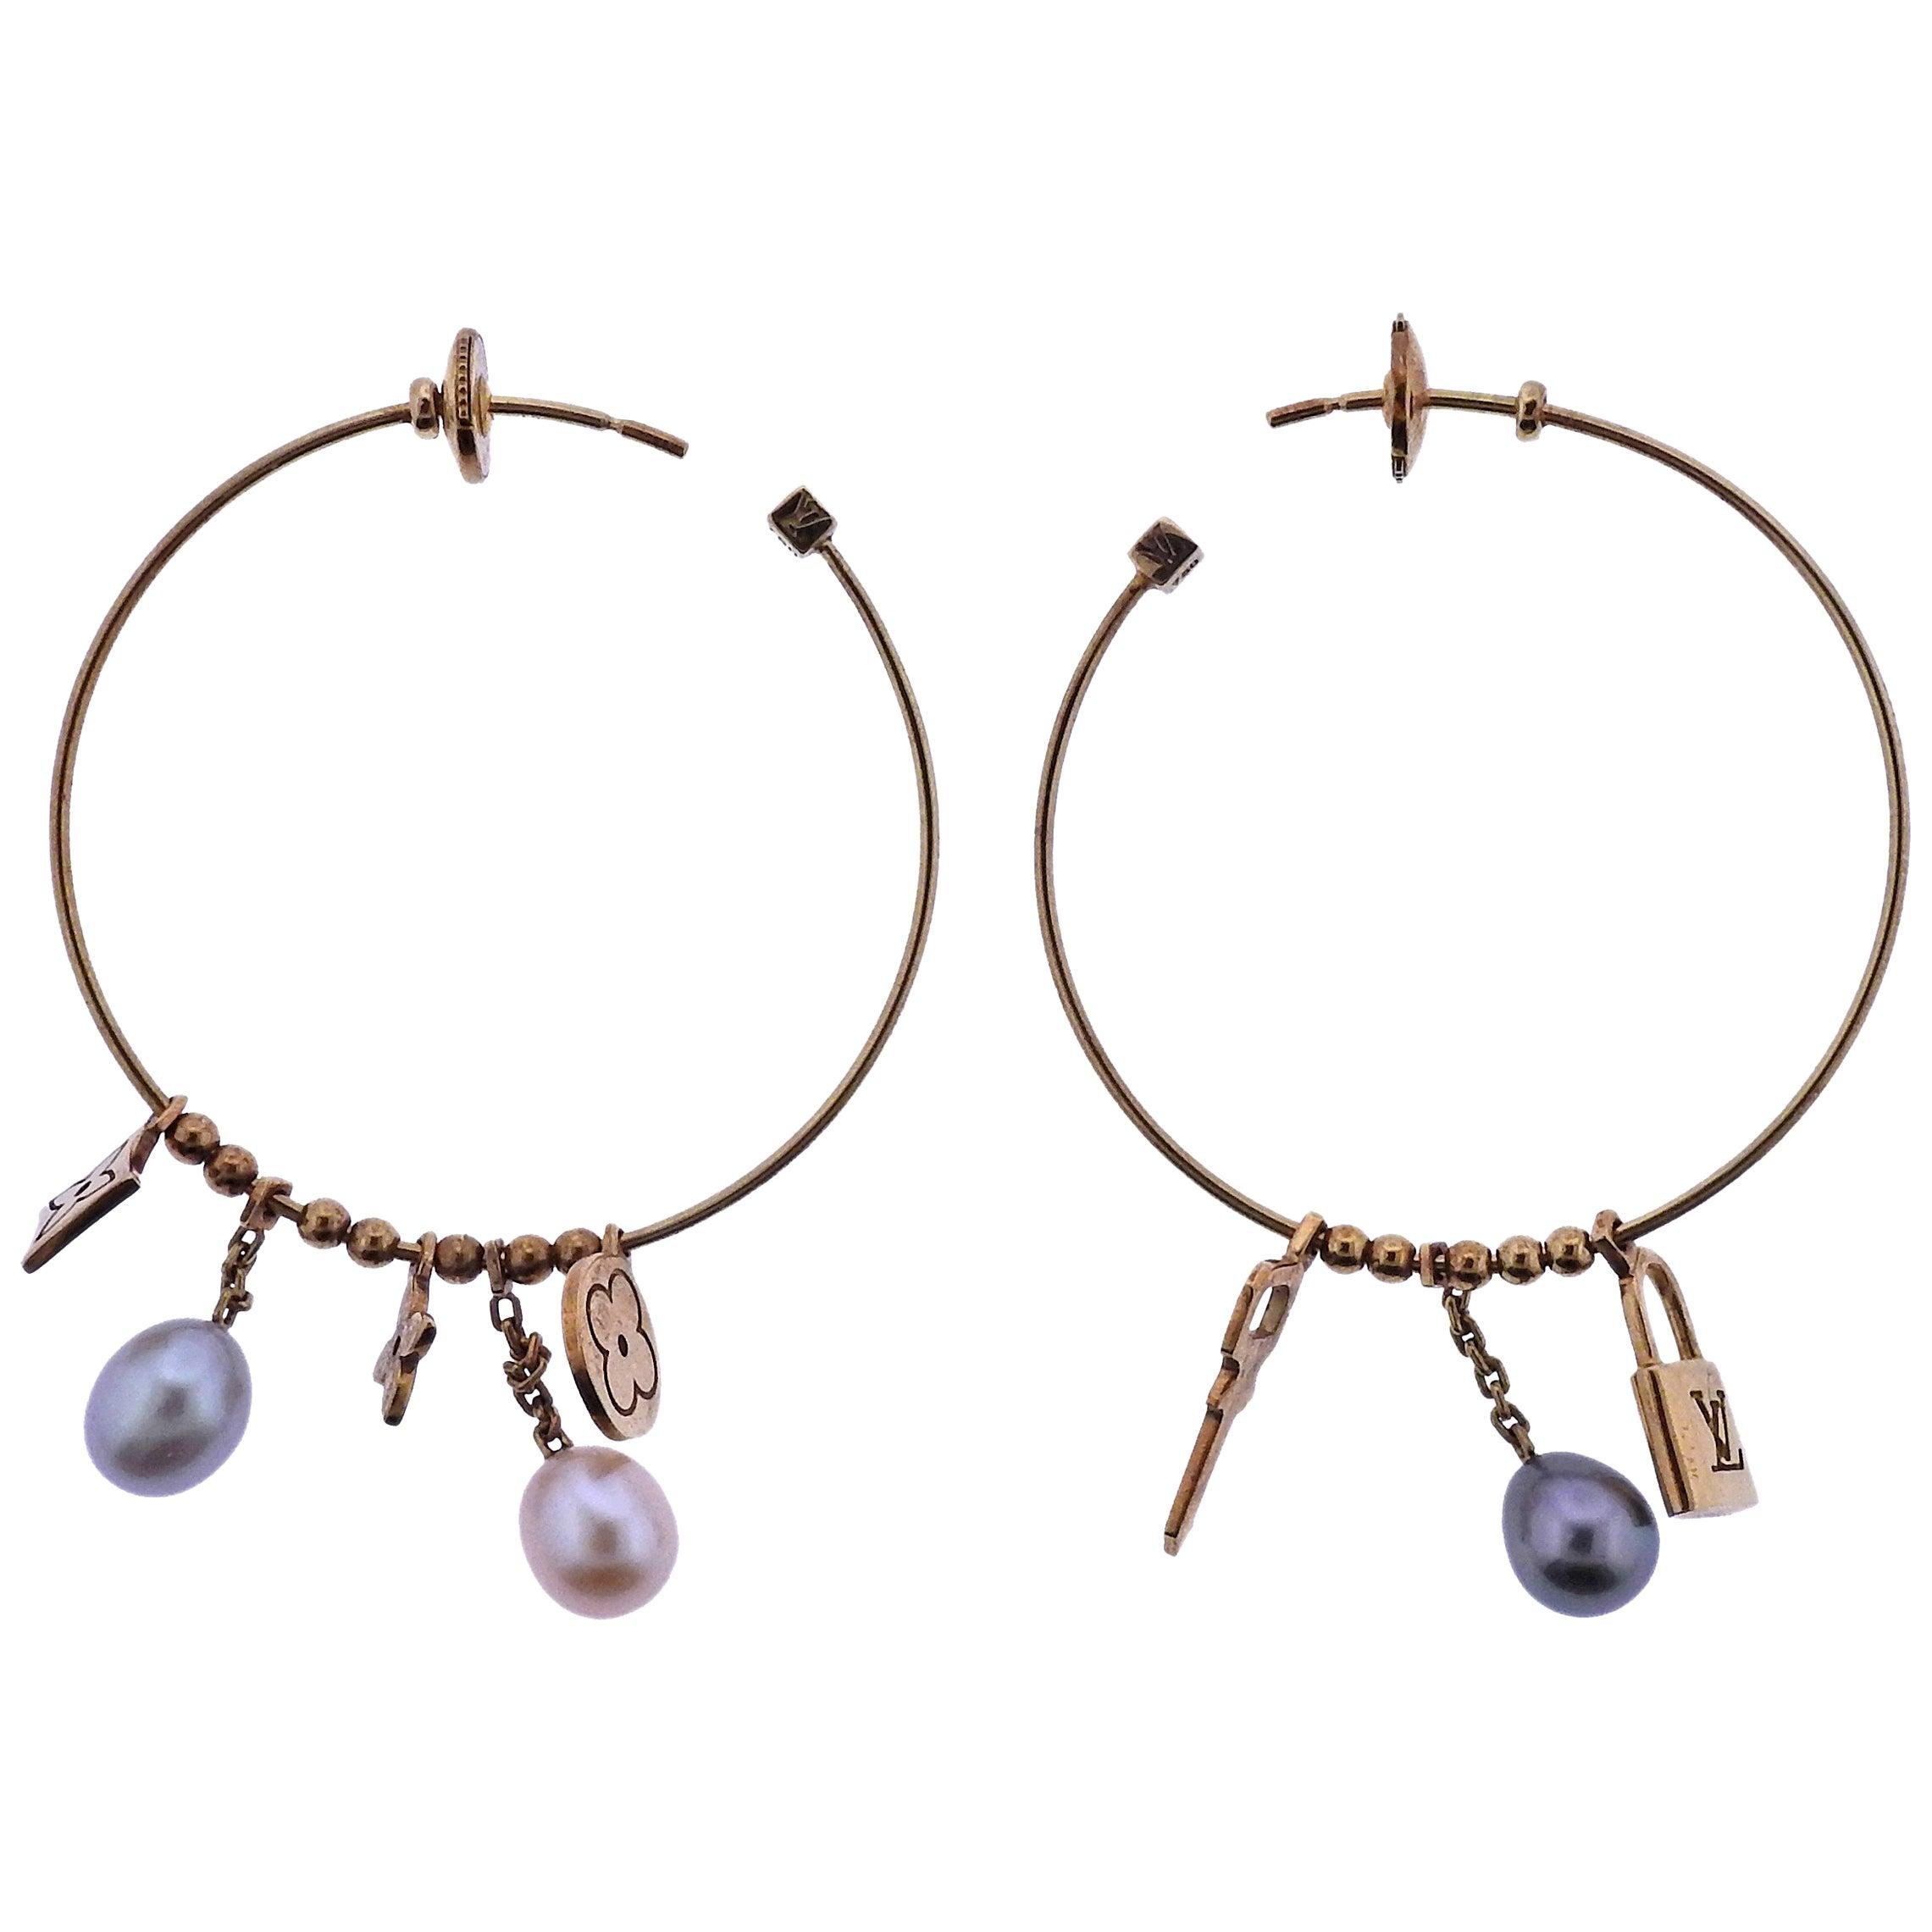 870f9debe35 Louis Vuitton Monogram Charm Pearl Gold Hoop Earrings at 1stdibs